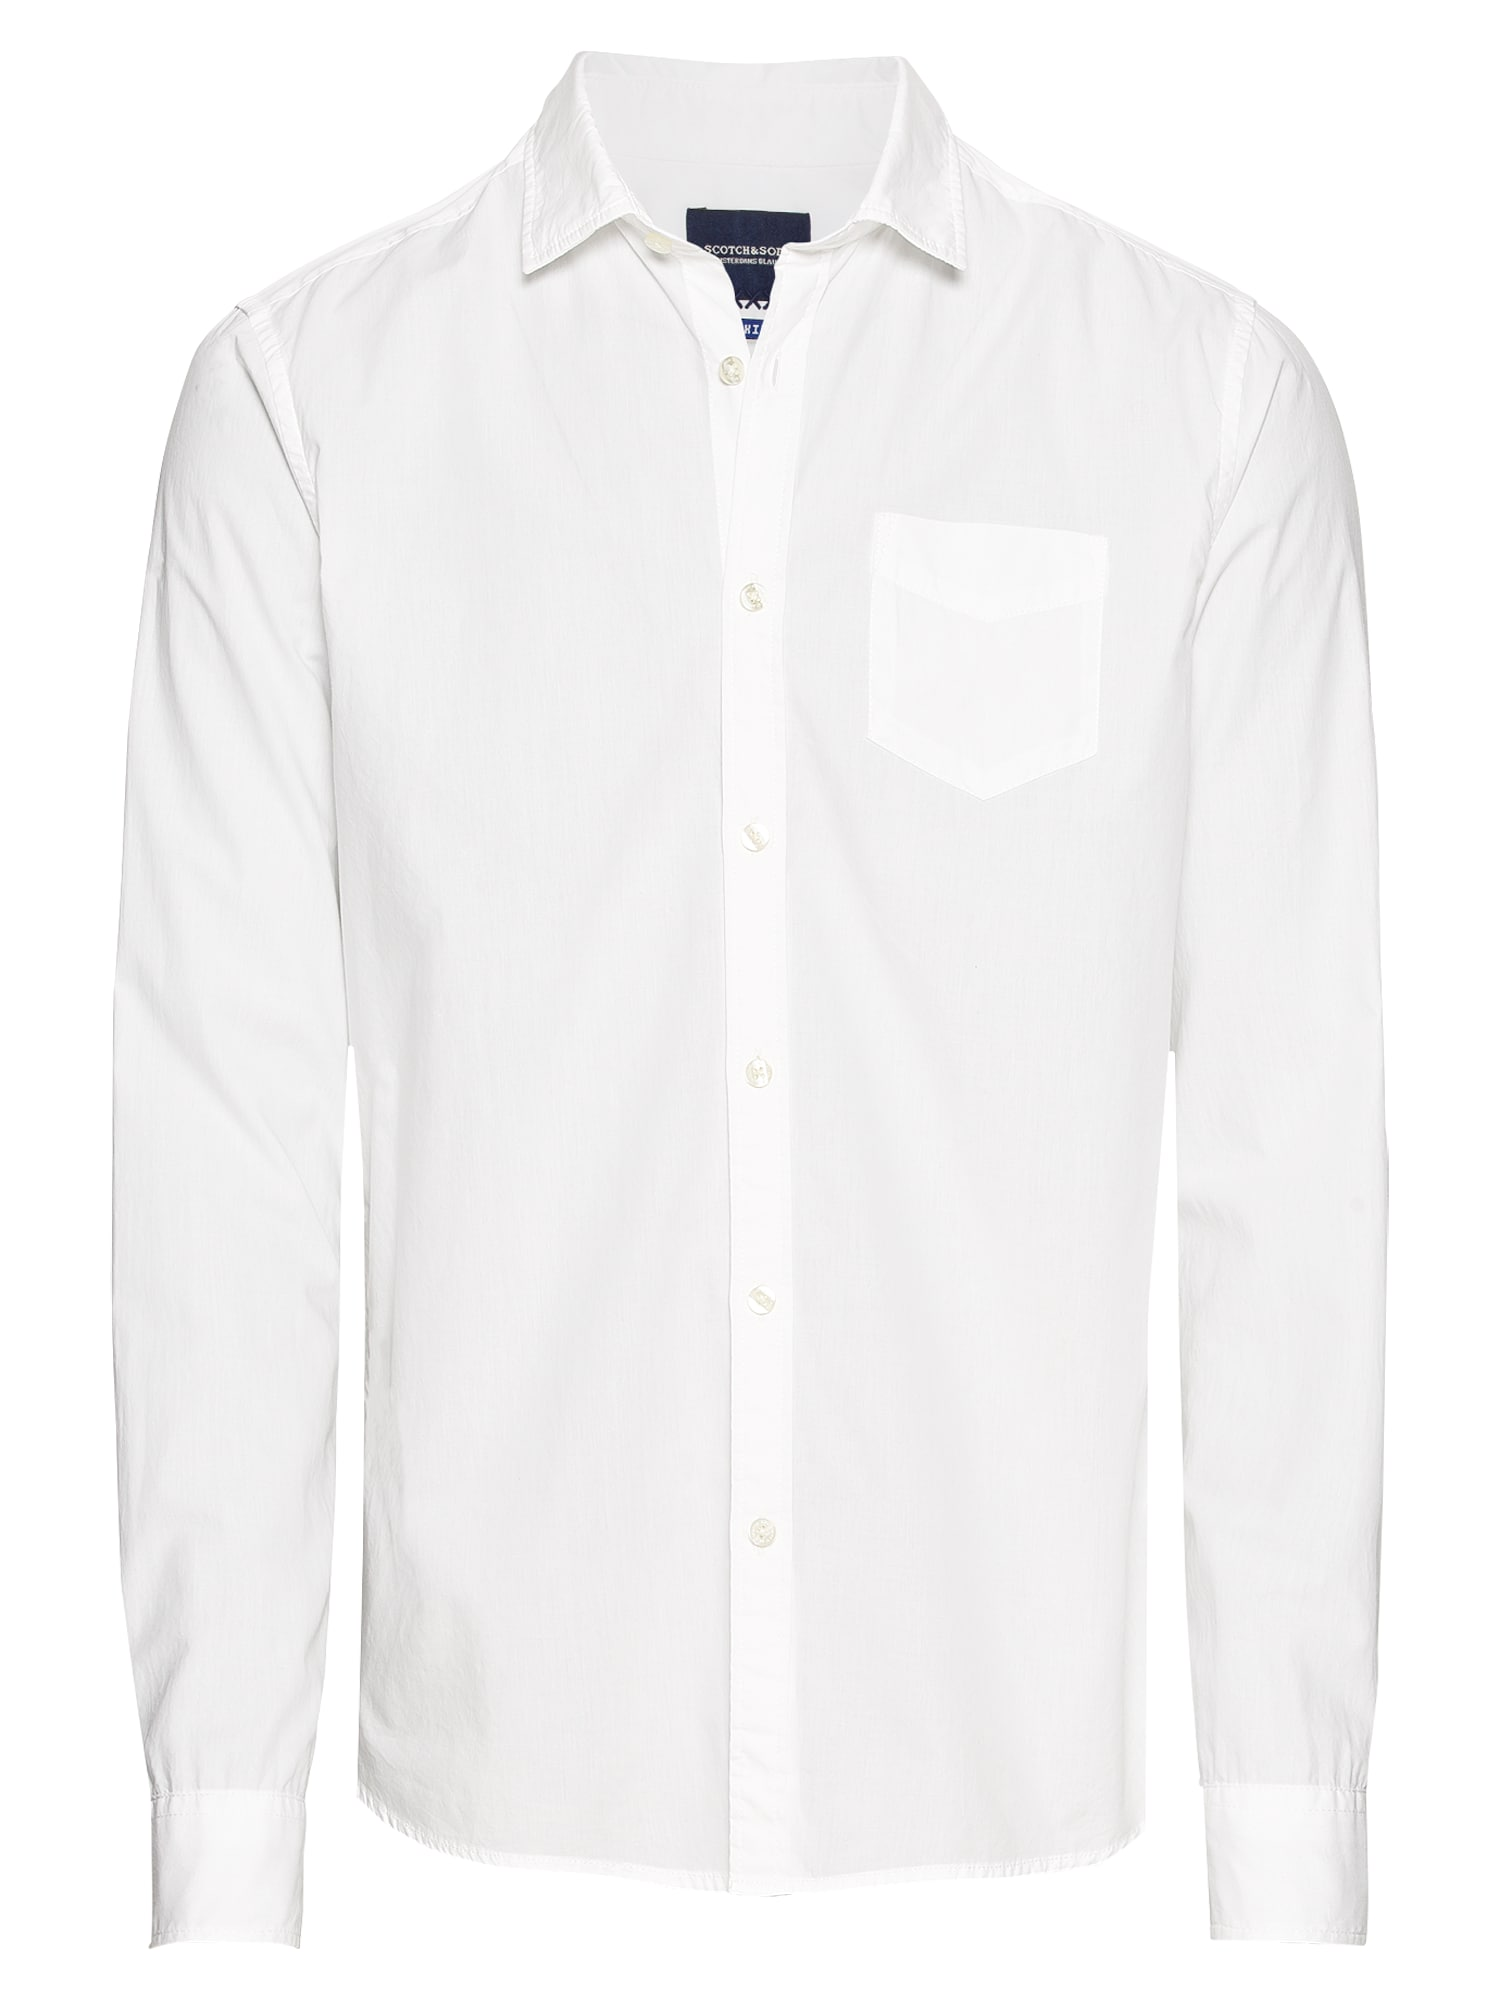 Košile Ams Blauw lightweight  bílá SCOTCH & SODA